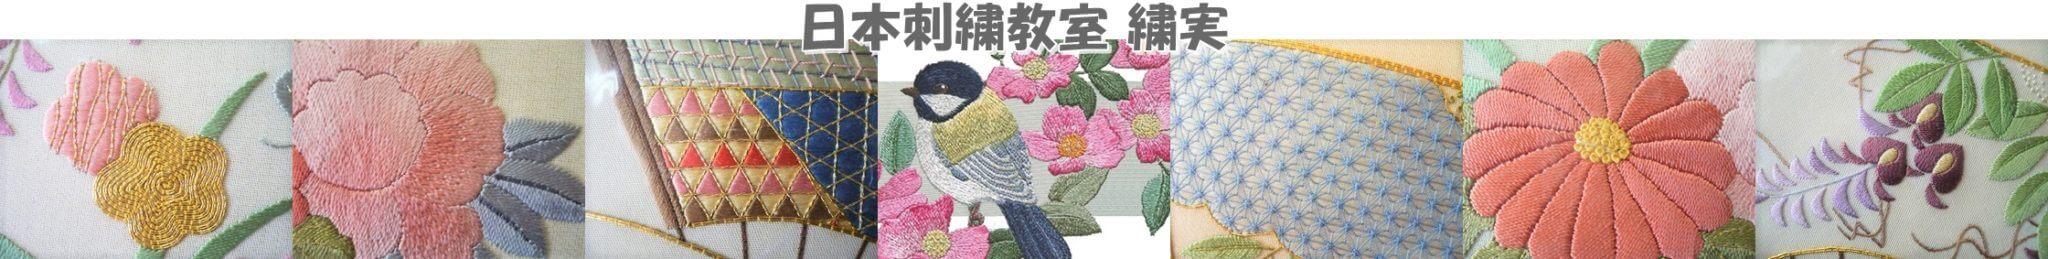 日本刺繍教室開催!作家:笹原木実は東京横浜谷中表参道でお稽古やっています!